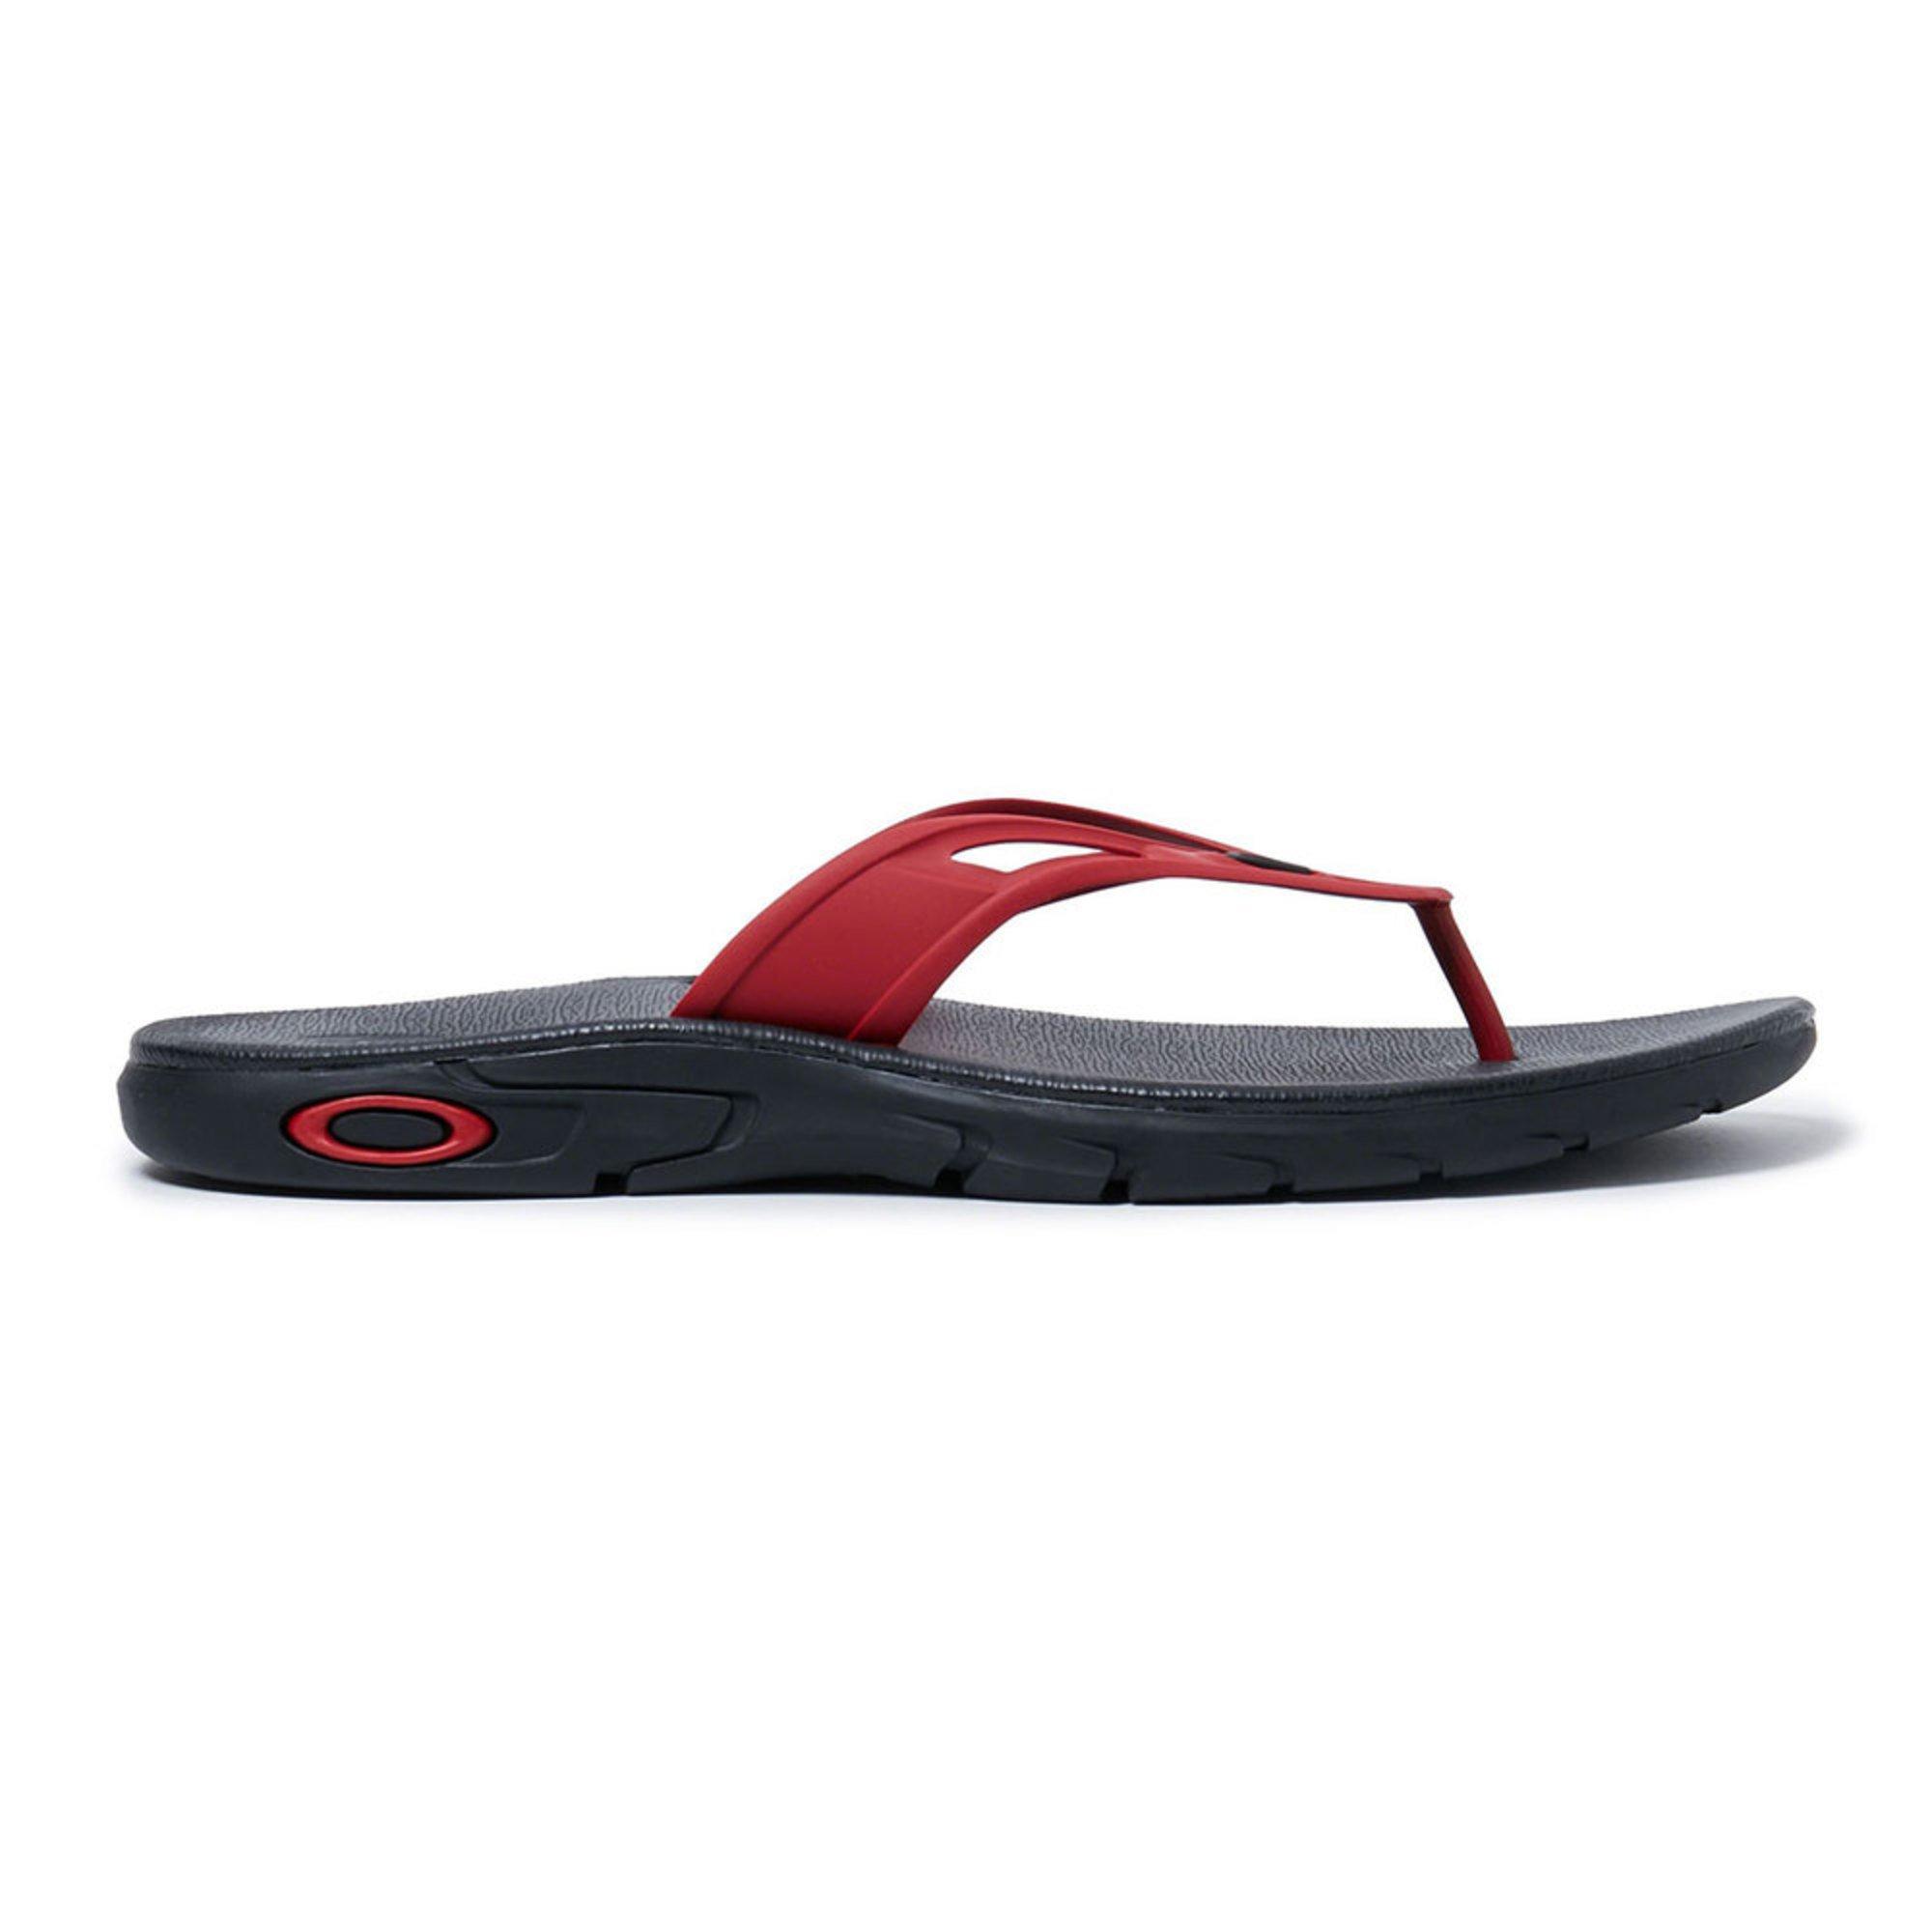 366a9af91 Oakley Men s Ellipse Flip Flop